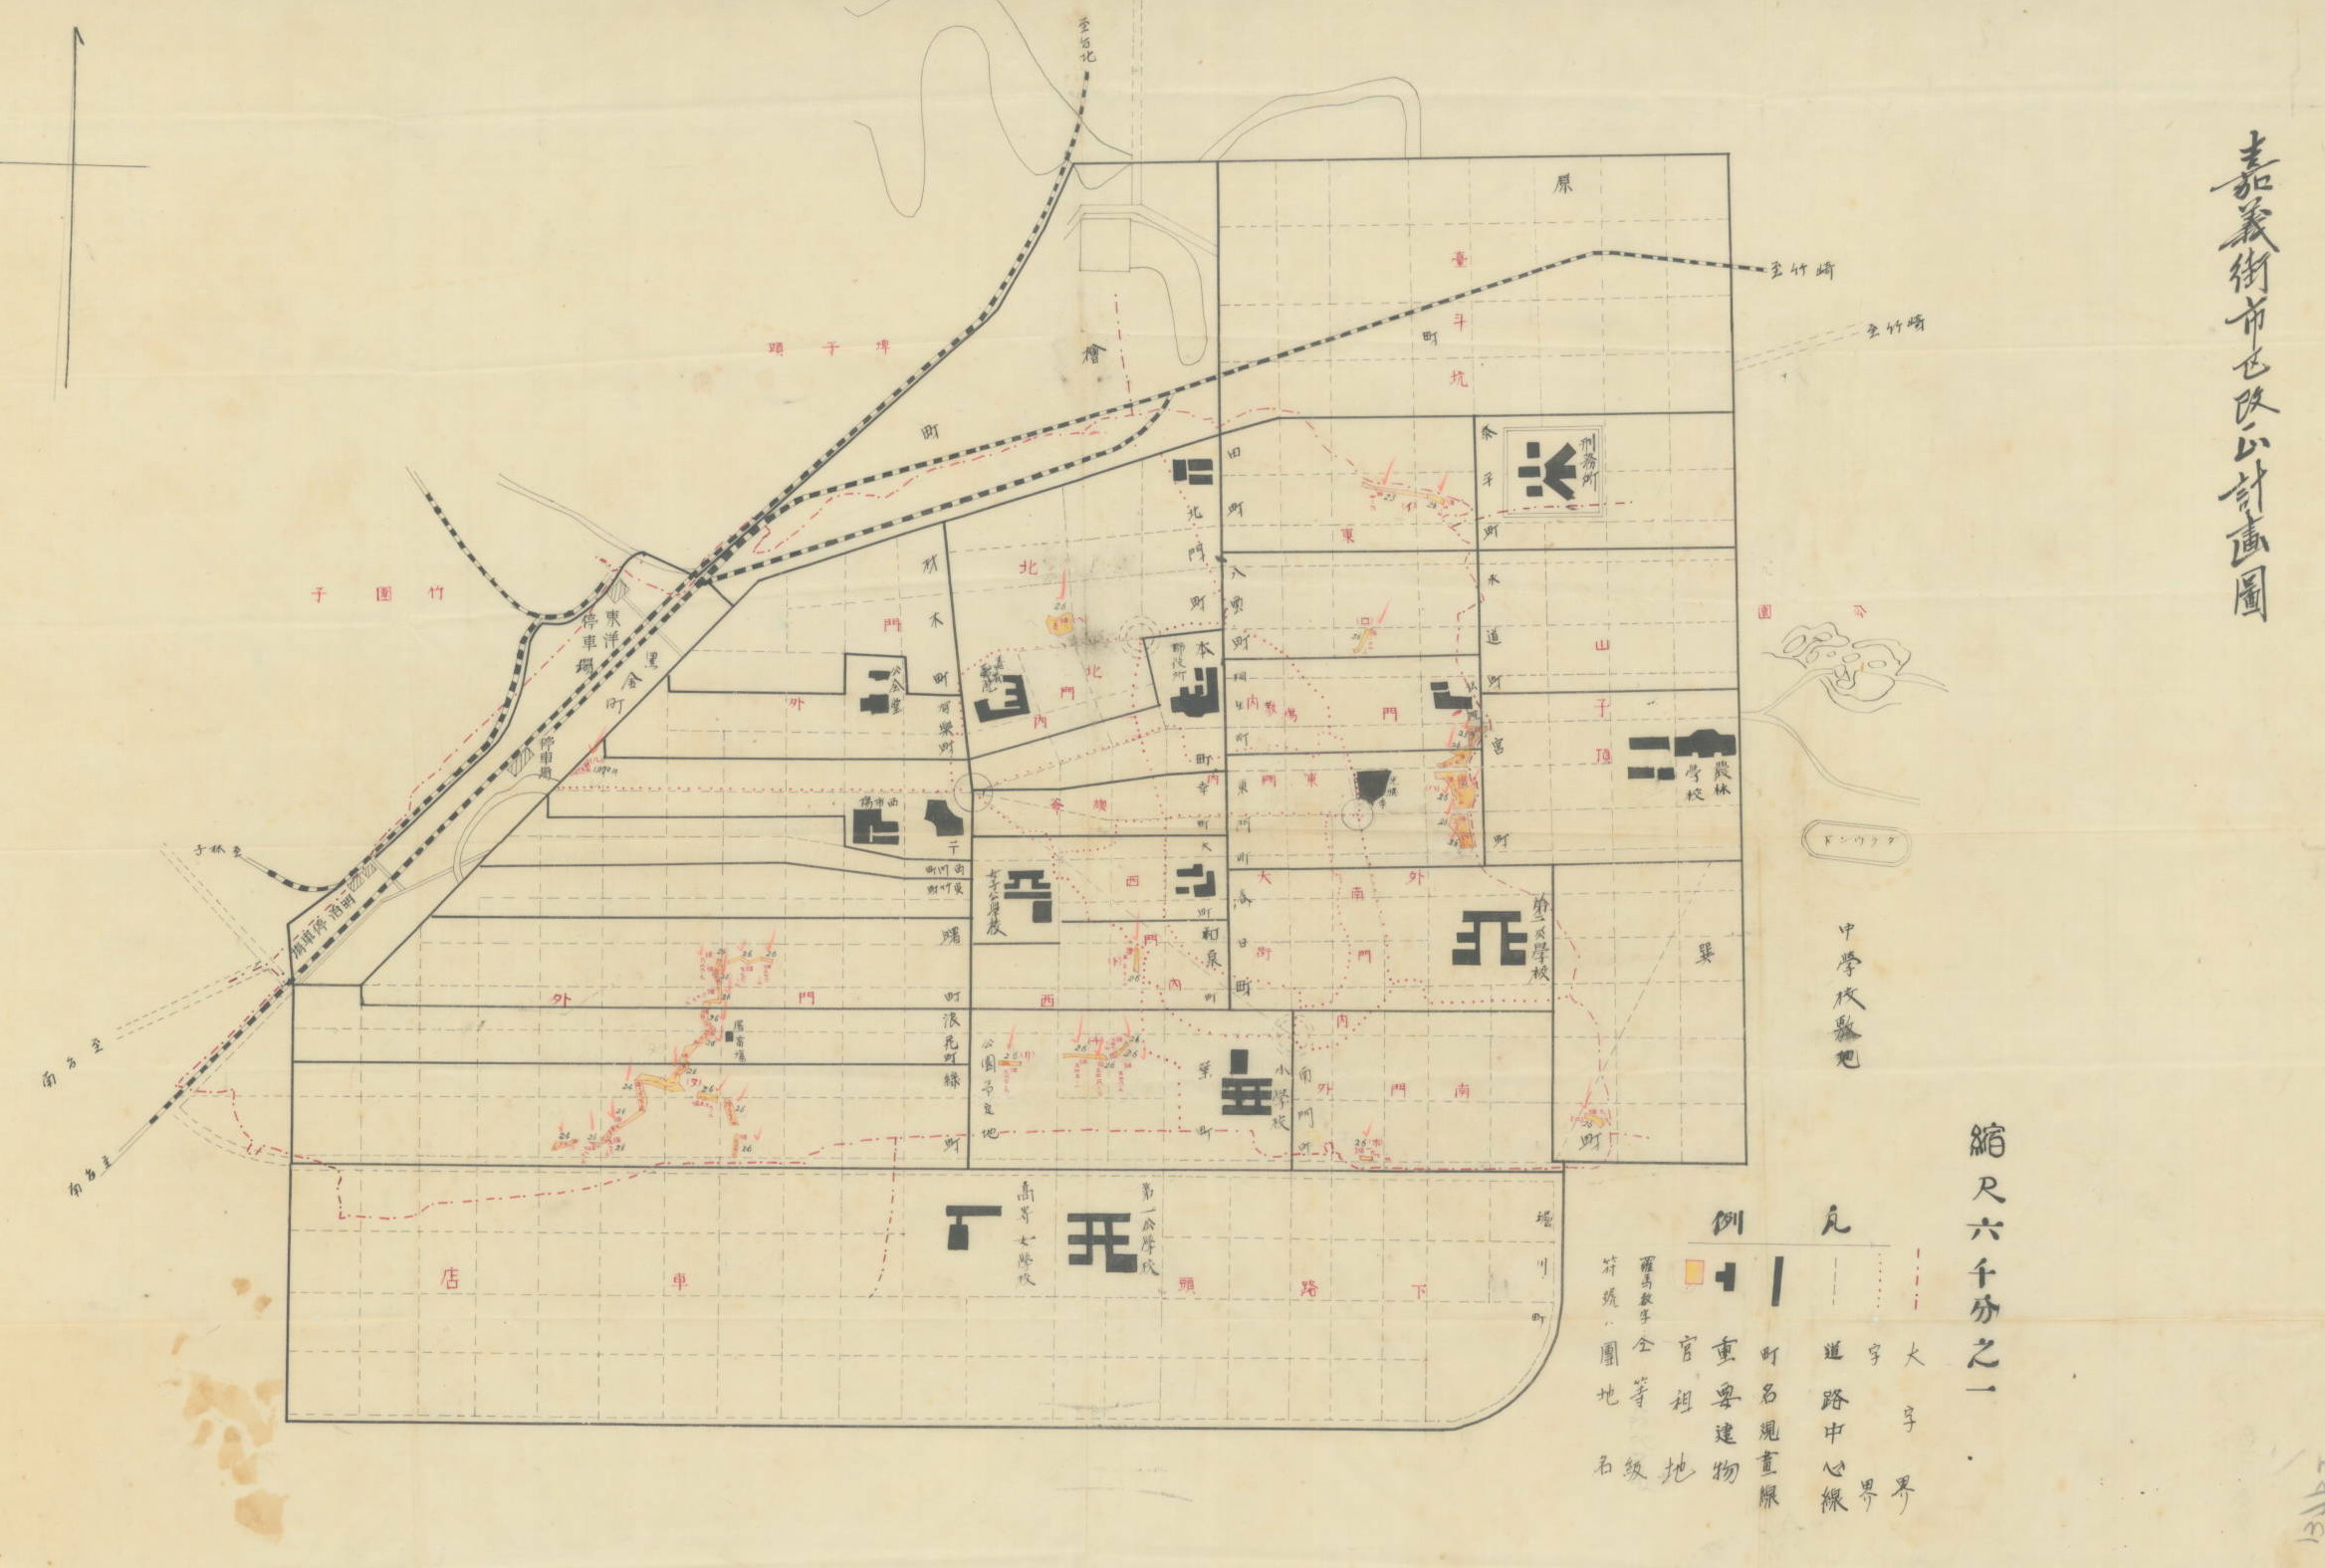 嘉義市區計畫平面圖